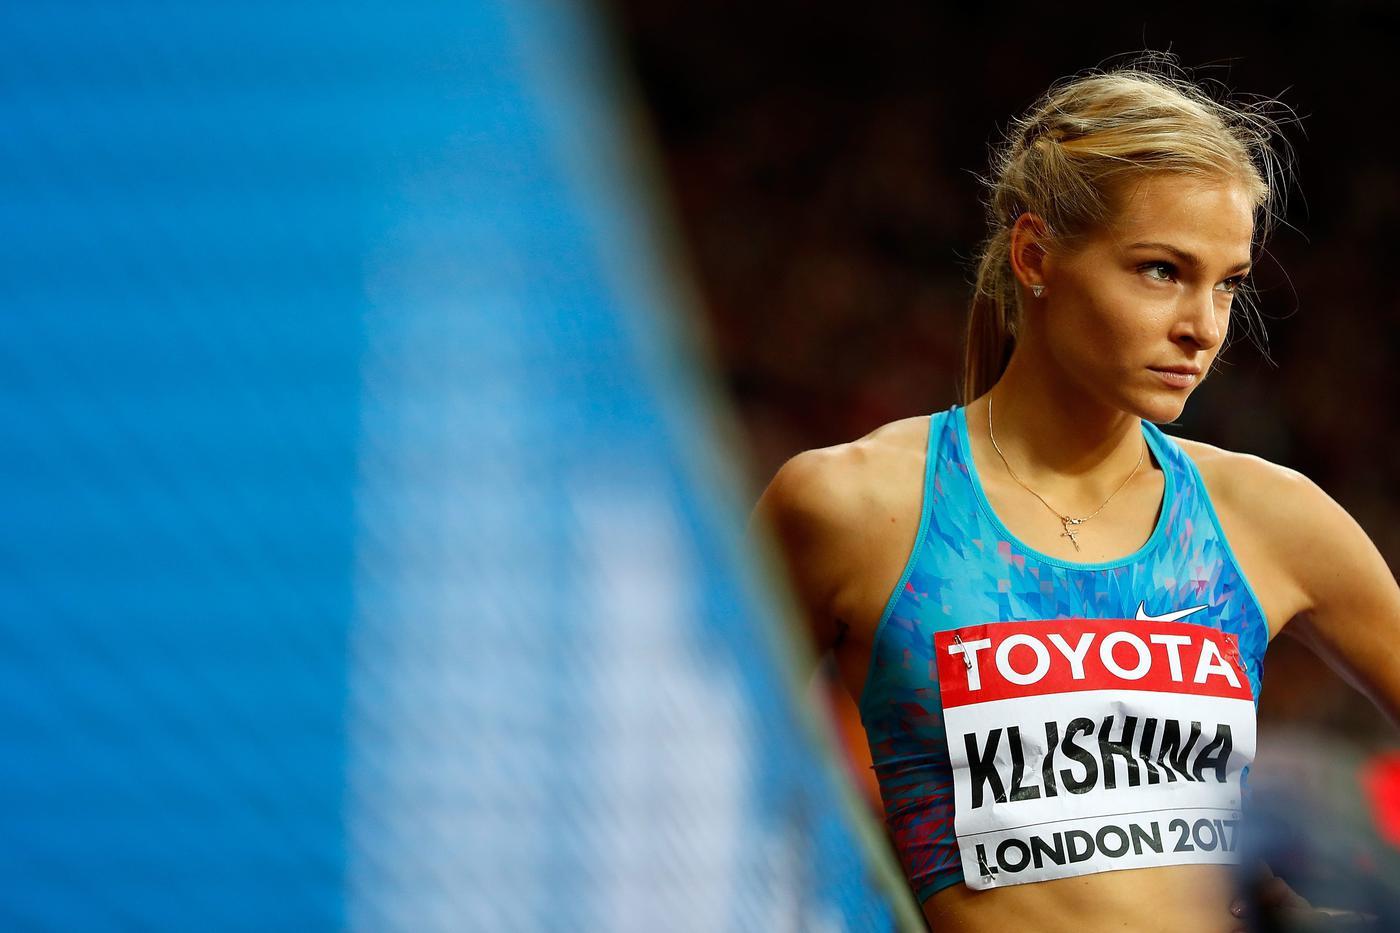 Дарья Клишина отказалась от участие в чемпионате России по легкой атлетике - фото